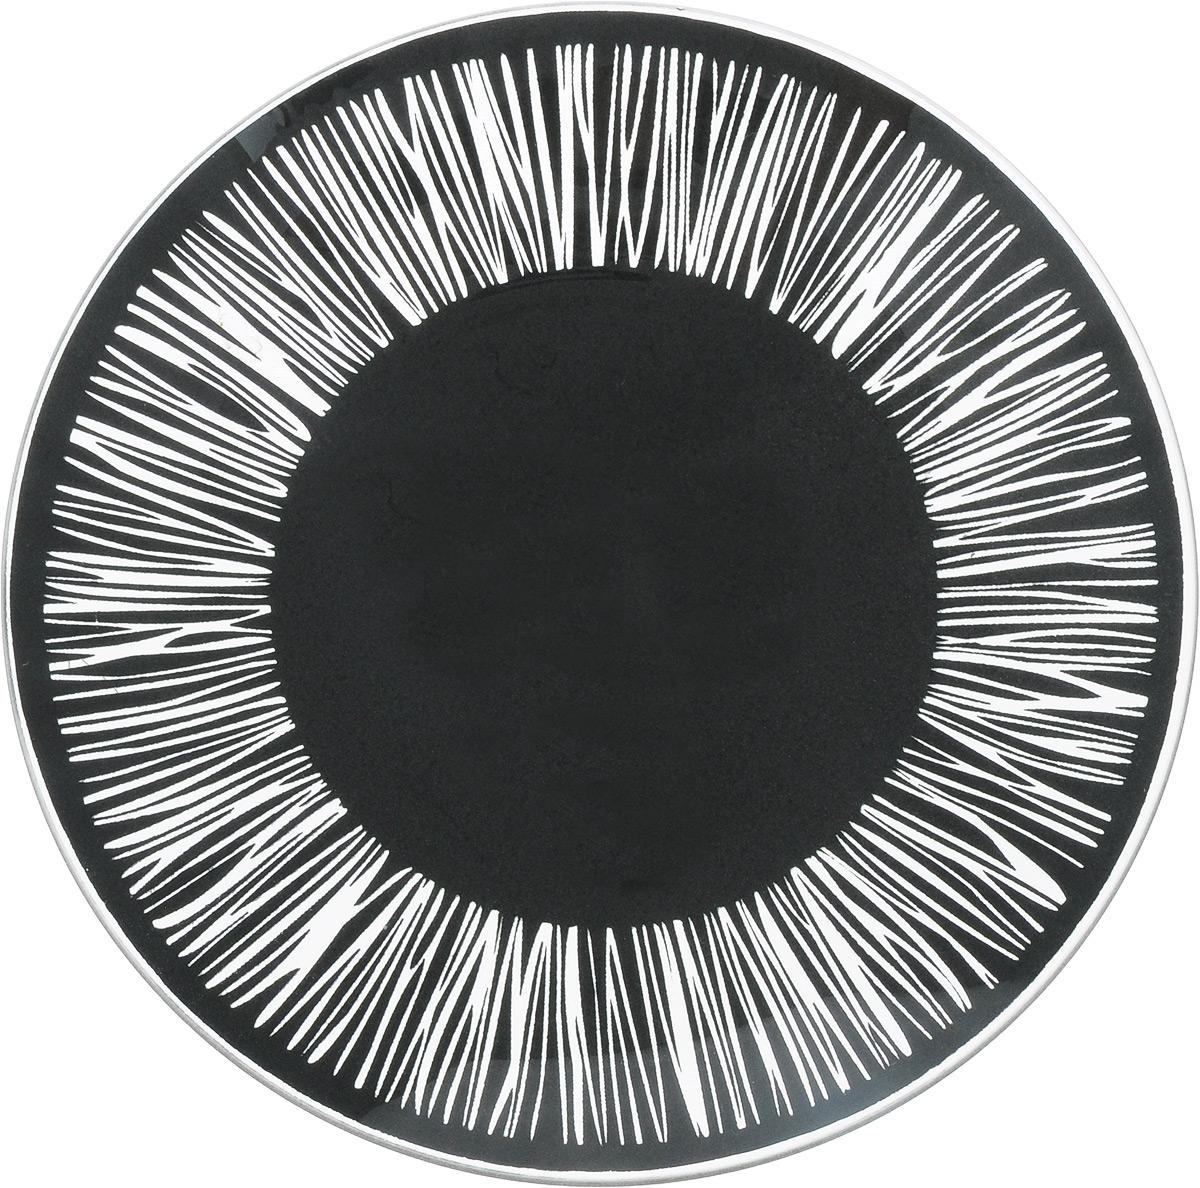 Тарелка NiNaGlass Витас, цвет: черный, диаметр 20 см115510Тарелка NiNaGlass Витас изготовлена из высококачественного стекла. Изделие декорировано оригинальным дизайном. Такая тарелка отлично подойдет в качестве блюда, она идеальна для сервировки закусок, нарезок, горячих блюд. Тарелка прекрасно дополнит сервировку стола и порадует вас оригинальным дизайном. Диаметр тарелки: 20 см. Высота тарелки: 2,5 см.